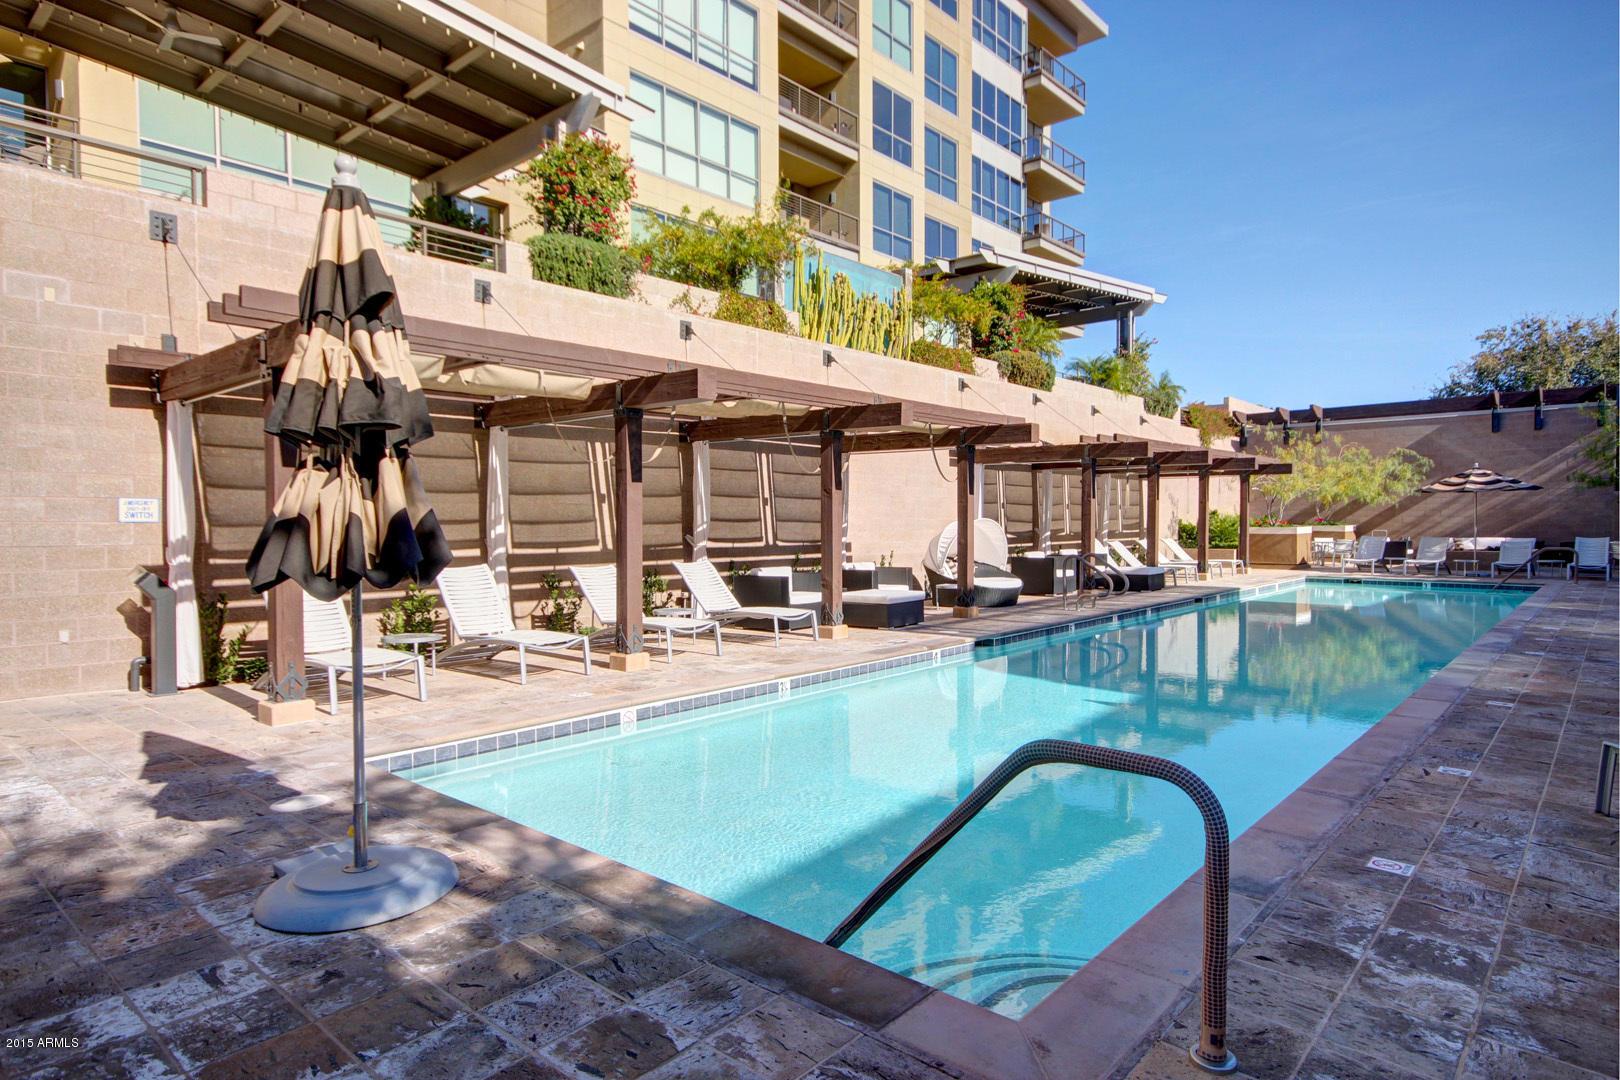 MLS 5864536 15215 N Kierland Boulevard Unit 315, Scottsdale, AZ 85254 Scottsdale AZ Gated